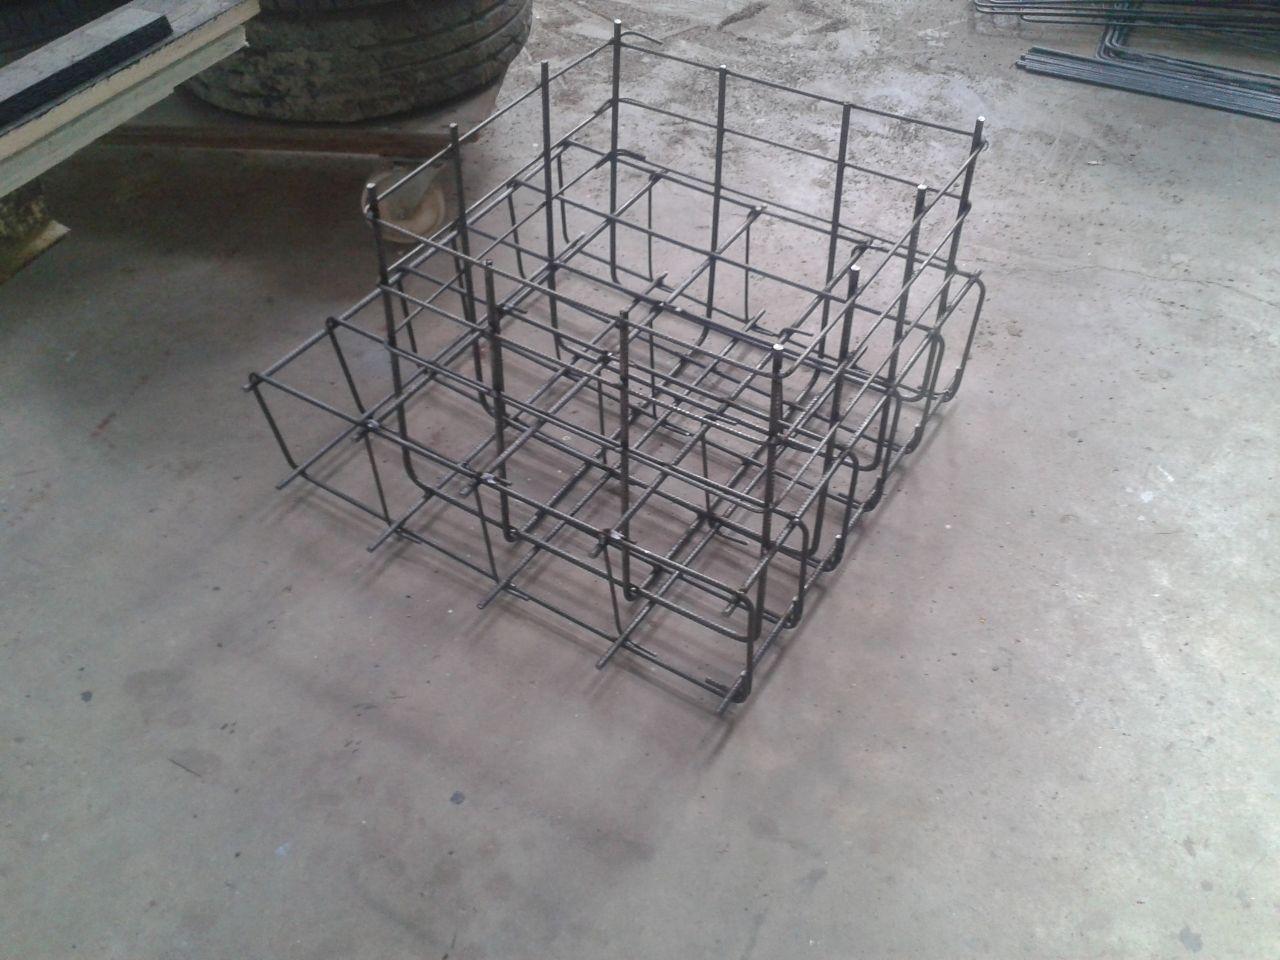 ferraillage fabriqué pour le support de la charpente métalique